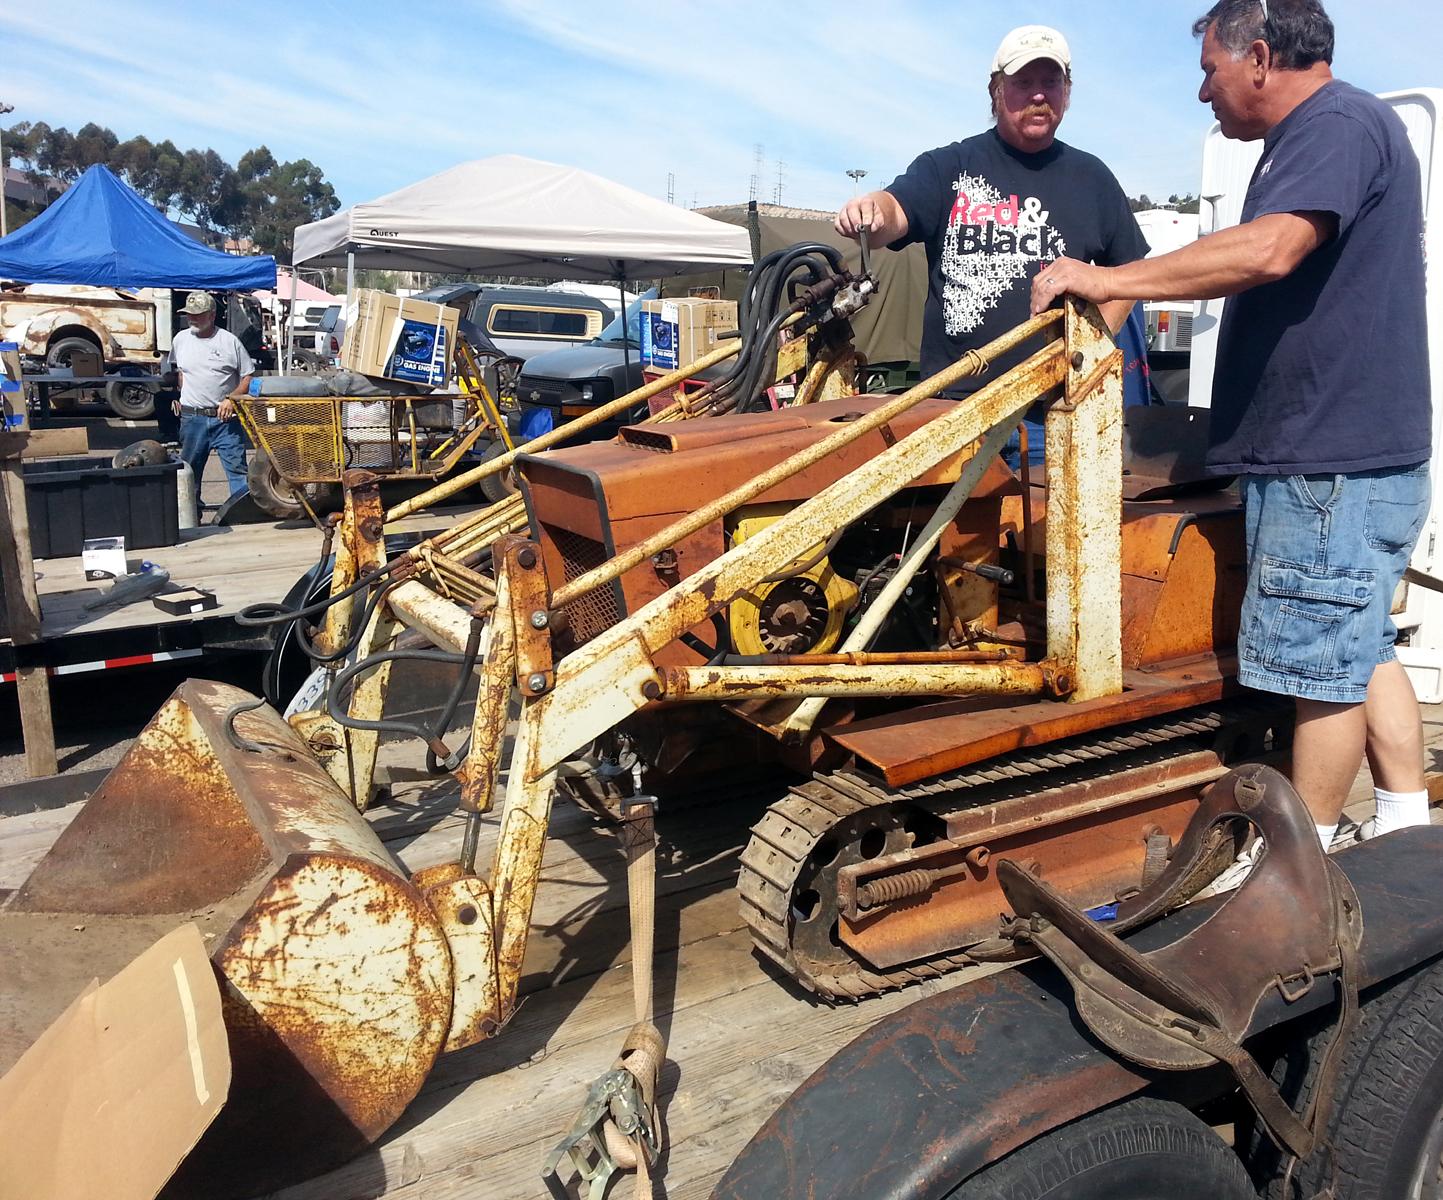 Just A Car Guy: I came across a Struck Magnatrac MT 1800 dozer